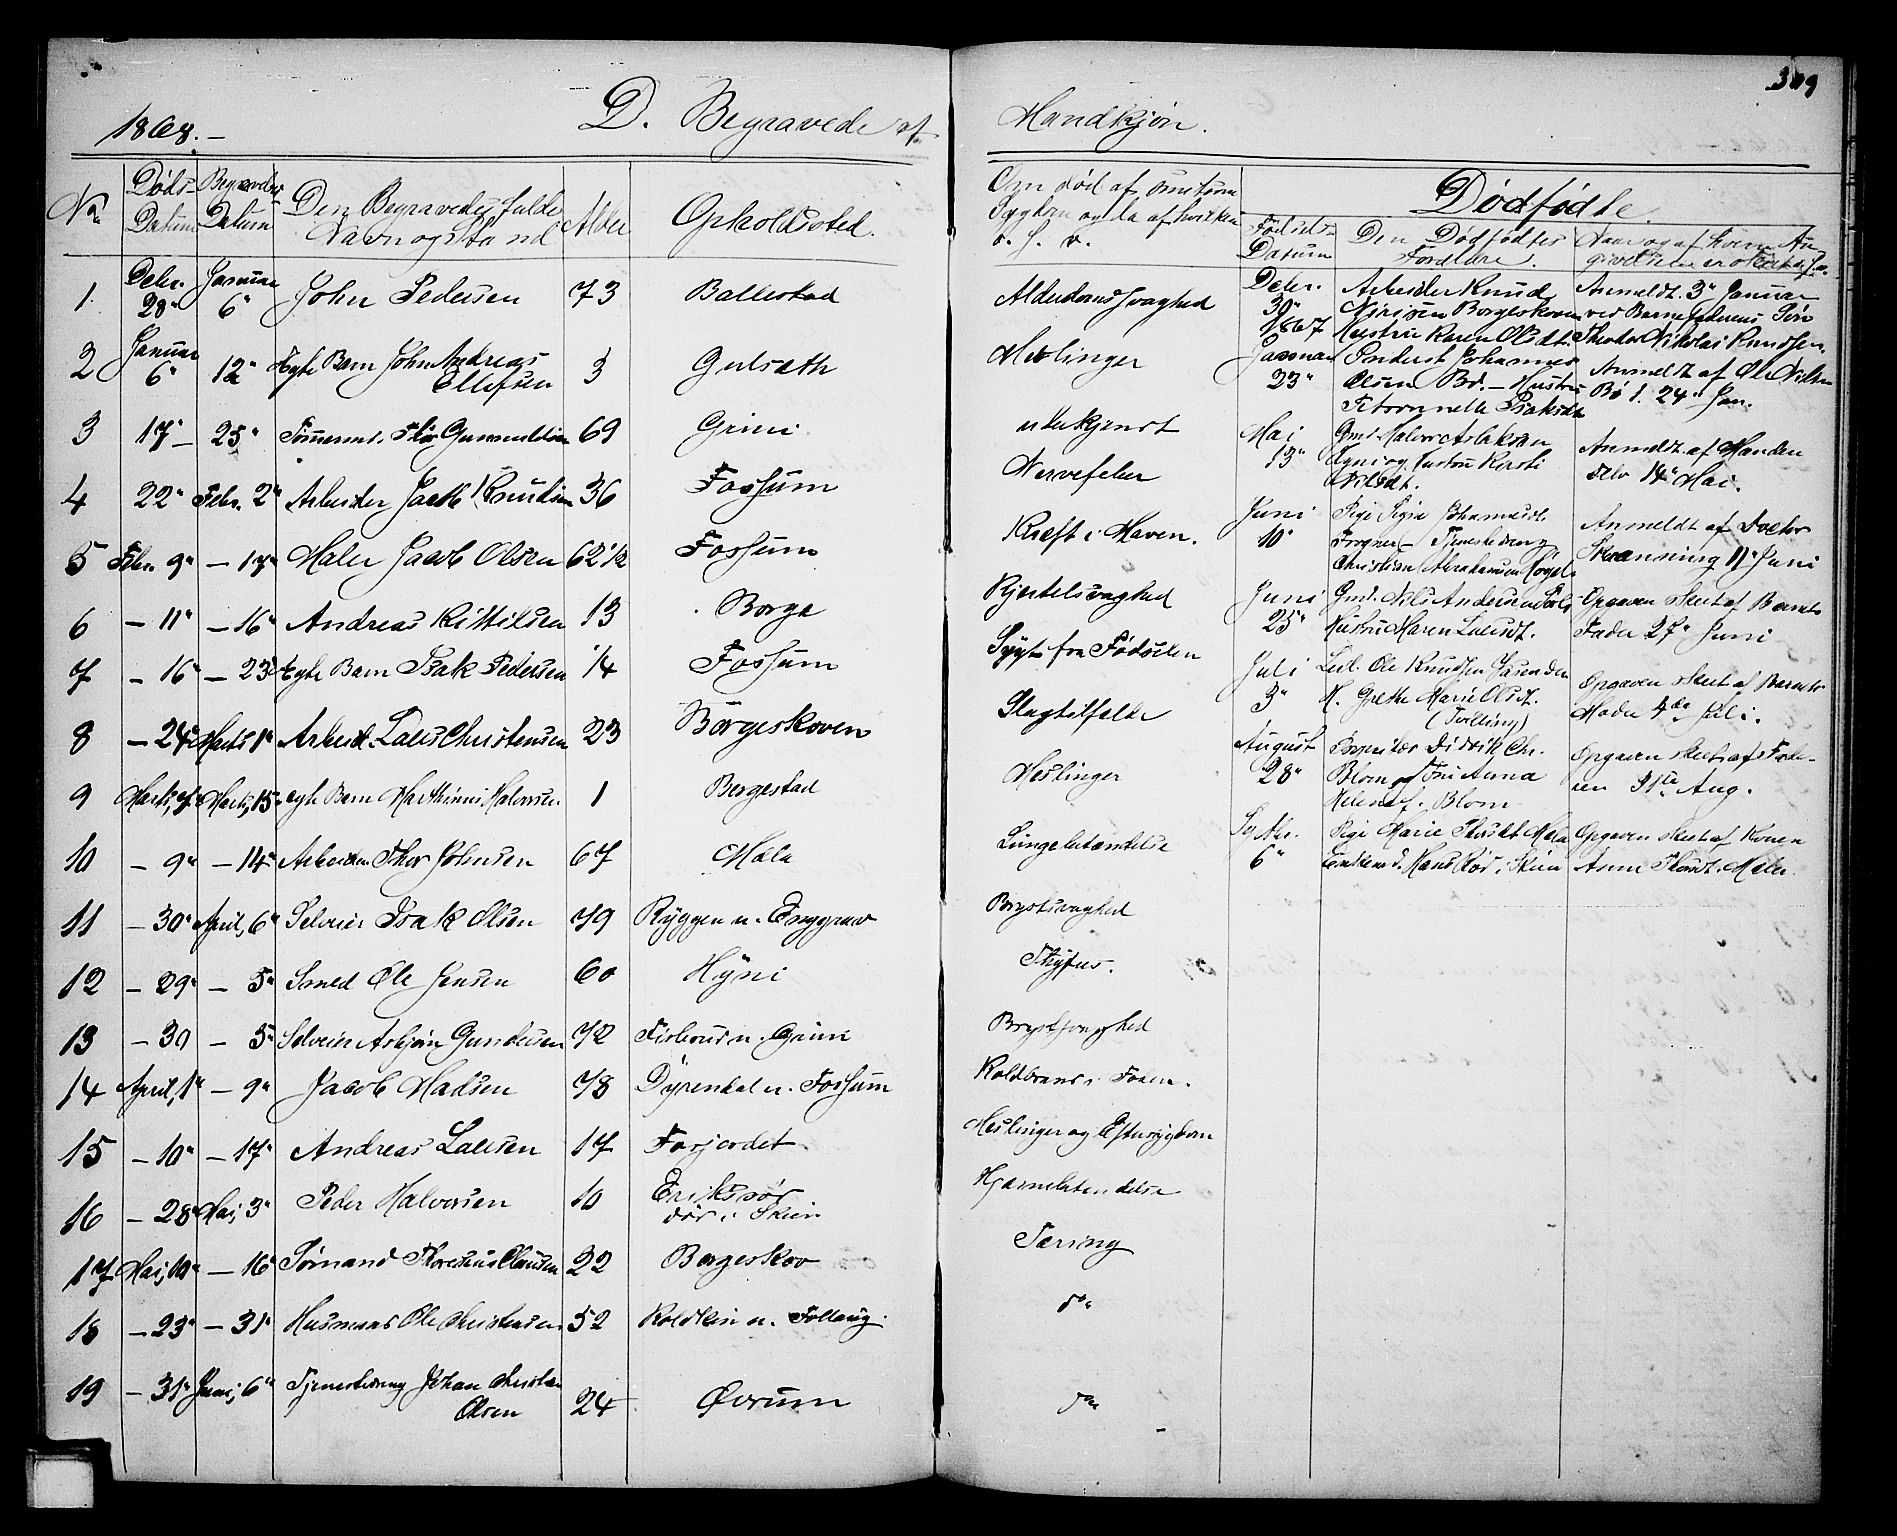 SAKO, Gjerpen kirkebøker, G/Ga/L0001: Klokkerbok nr. I 1, 1864-1882, s. 309